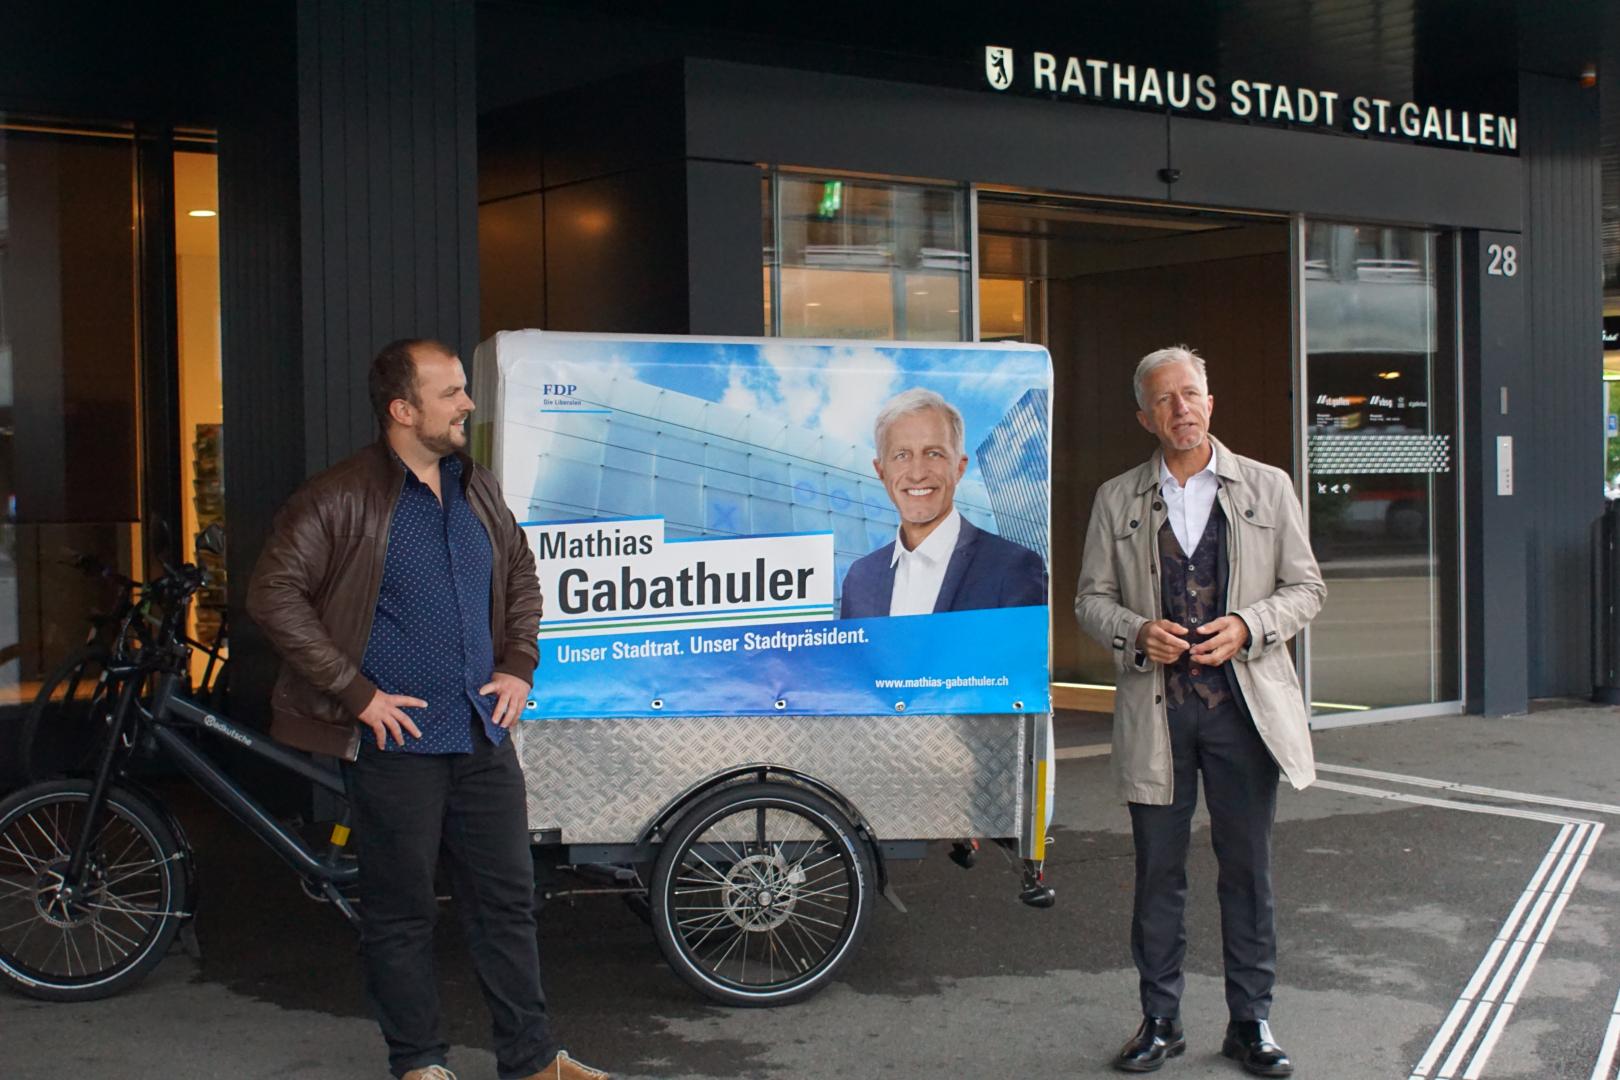 Stadtpräsidium St.Gallen: Kandidaten für 2. Wahlgang